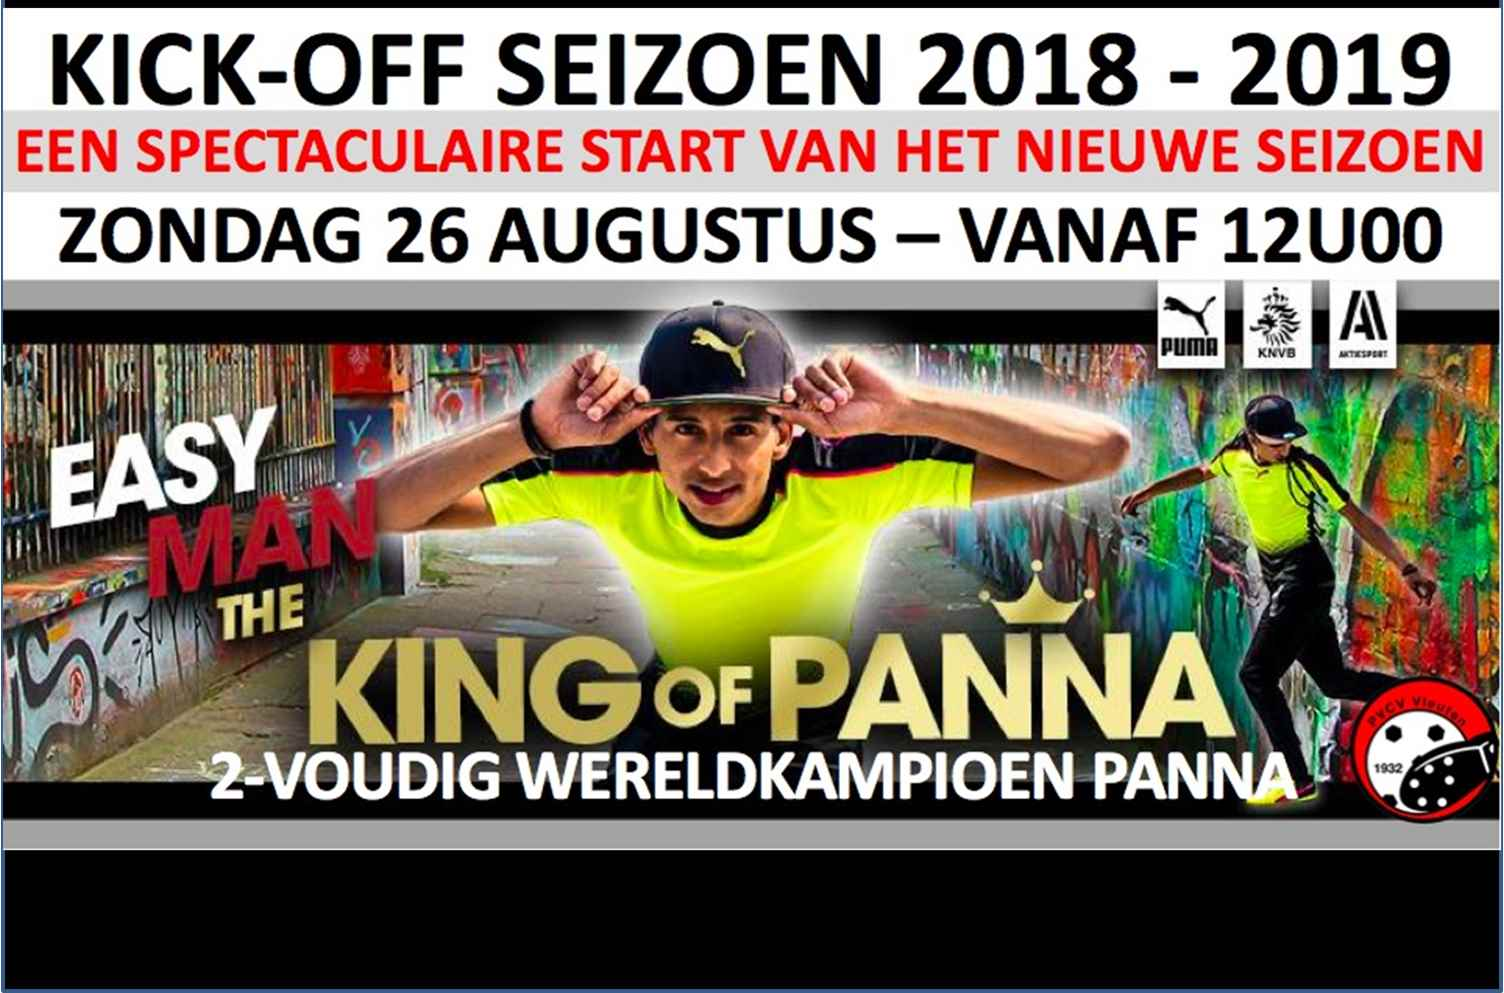 Kick-off seizoen 2018/2019